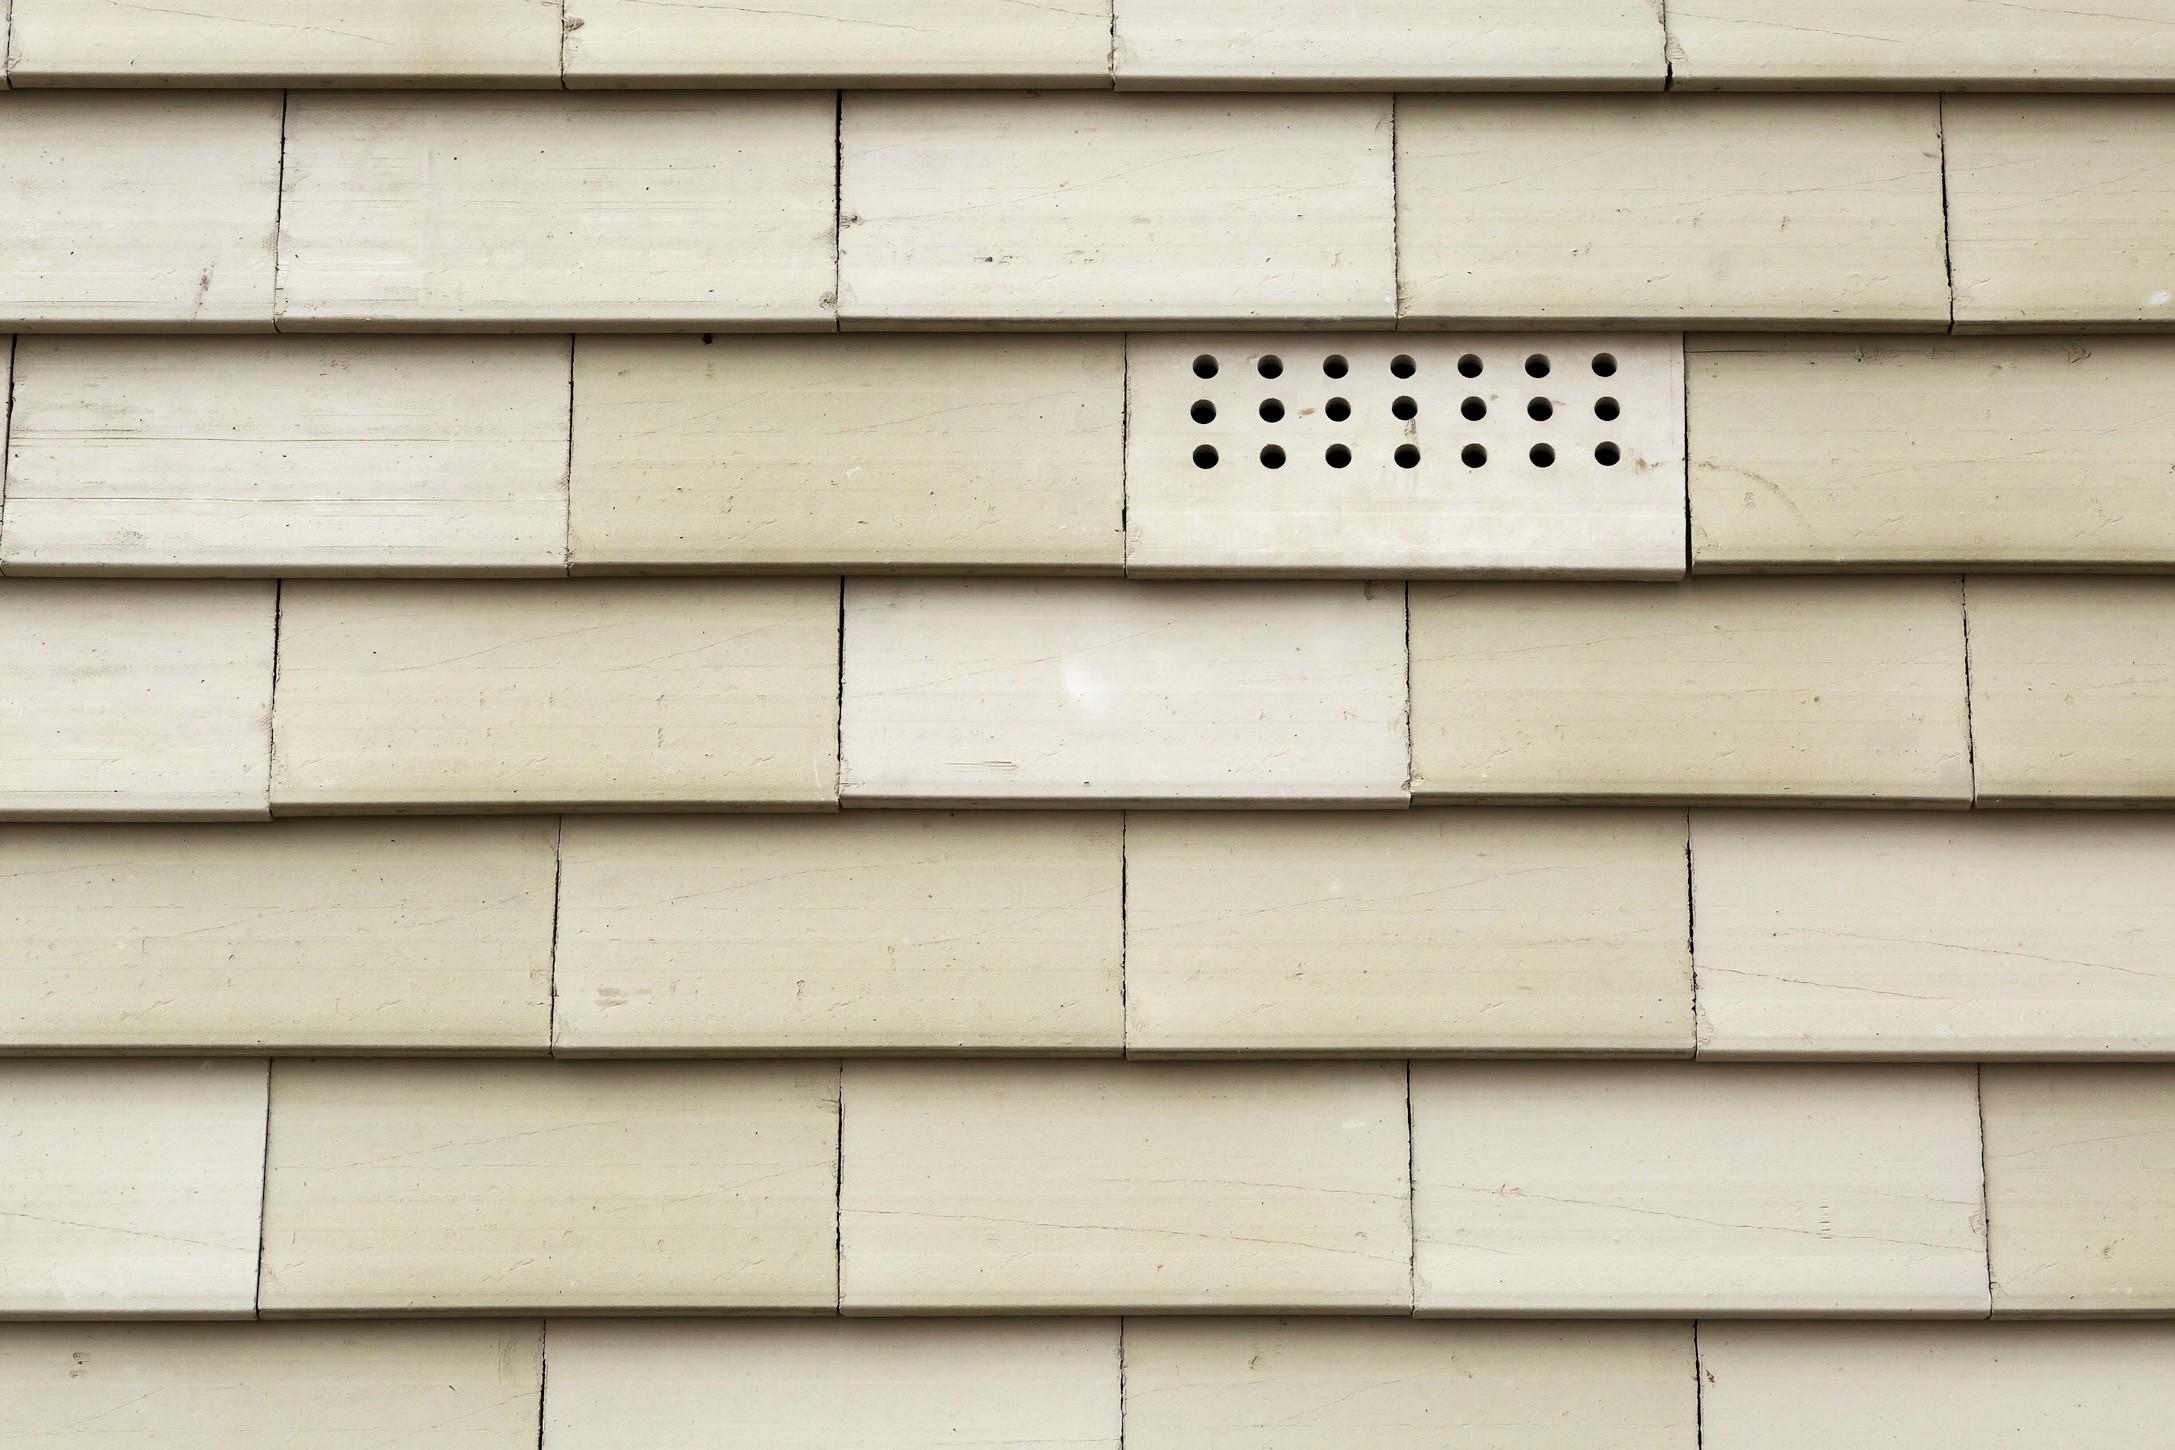 Parkkvarteret-arenakvarteret-Ørestaden-København-ONV-arkitekter-billige-boliger-præfab boliger 01